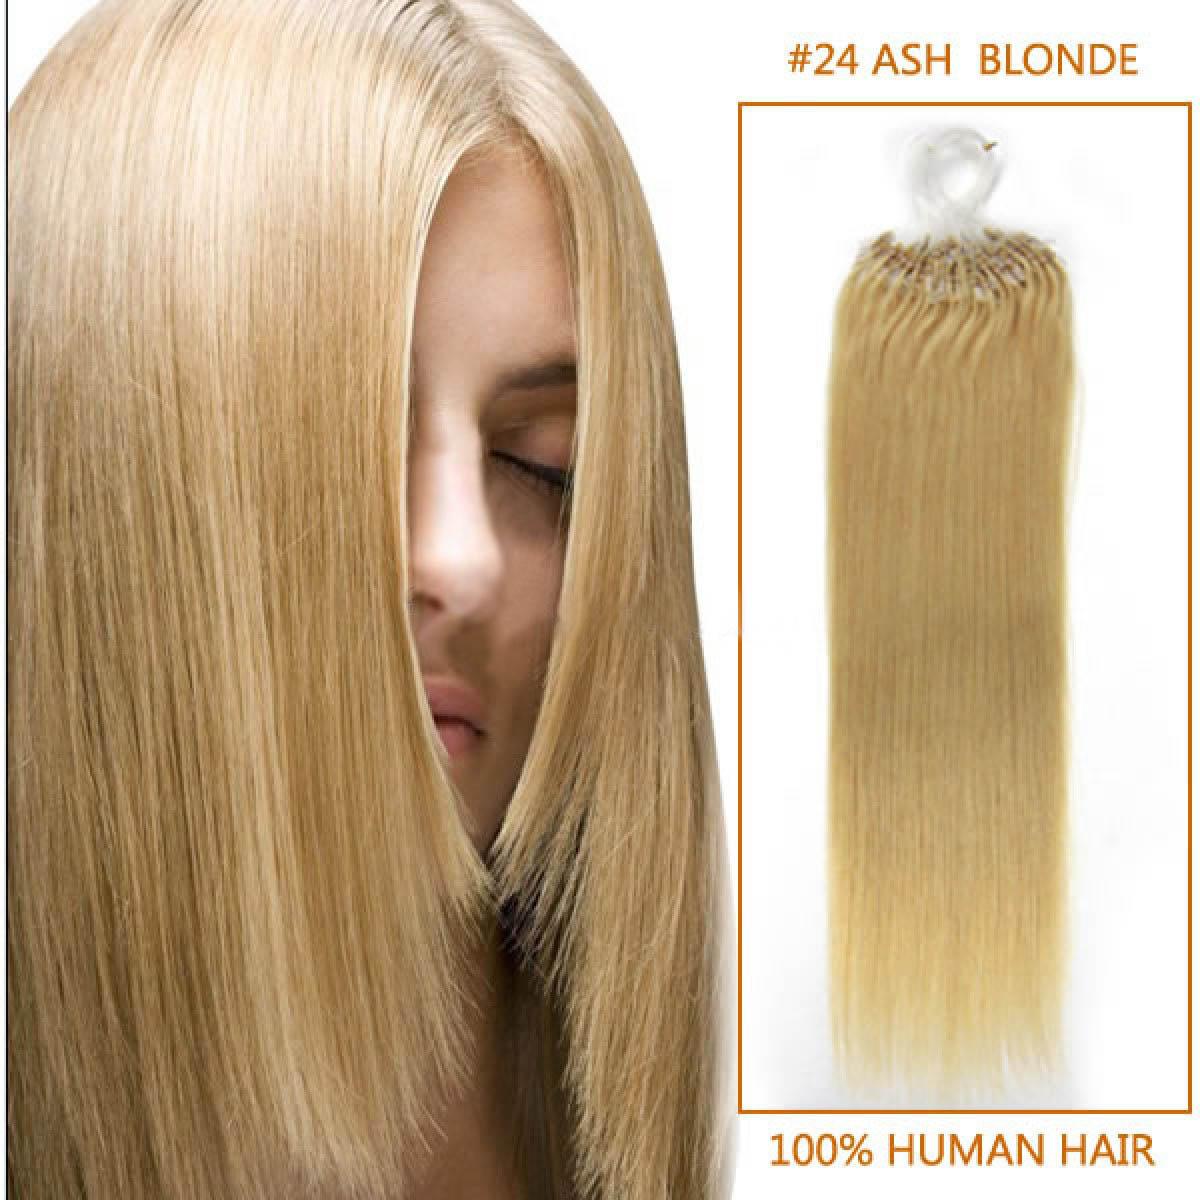 Inch 24 ash blonde micro loop human hair extensions 100s 26 inch 24 ash blonde micro loop human hair extensions 100s solutioingenieria Choice Image